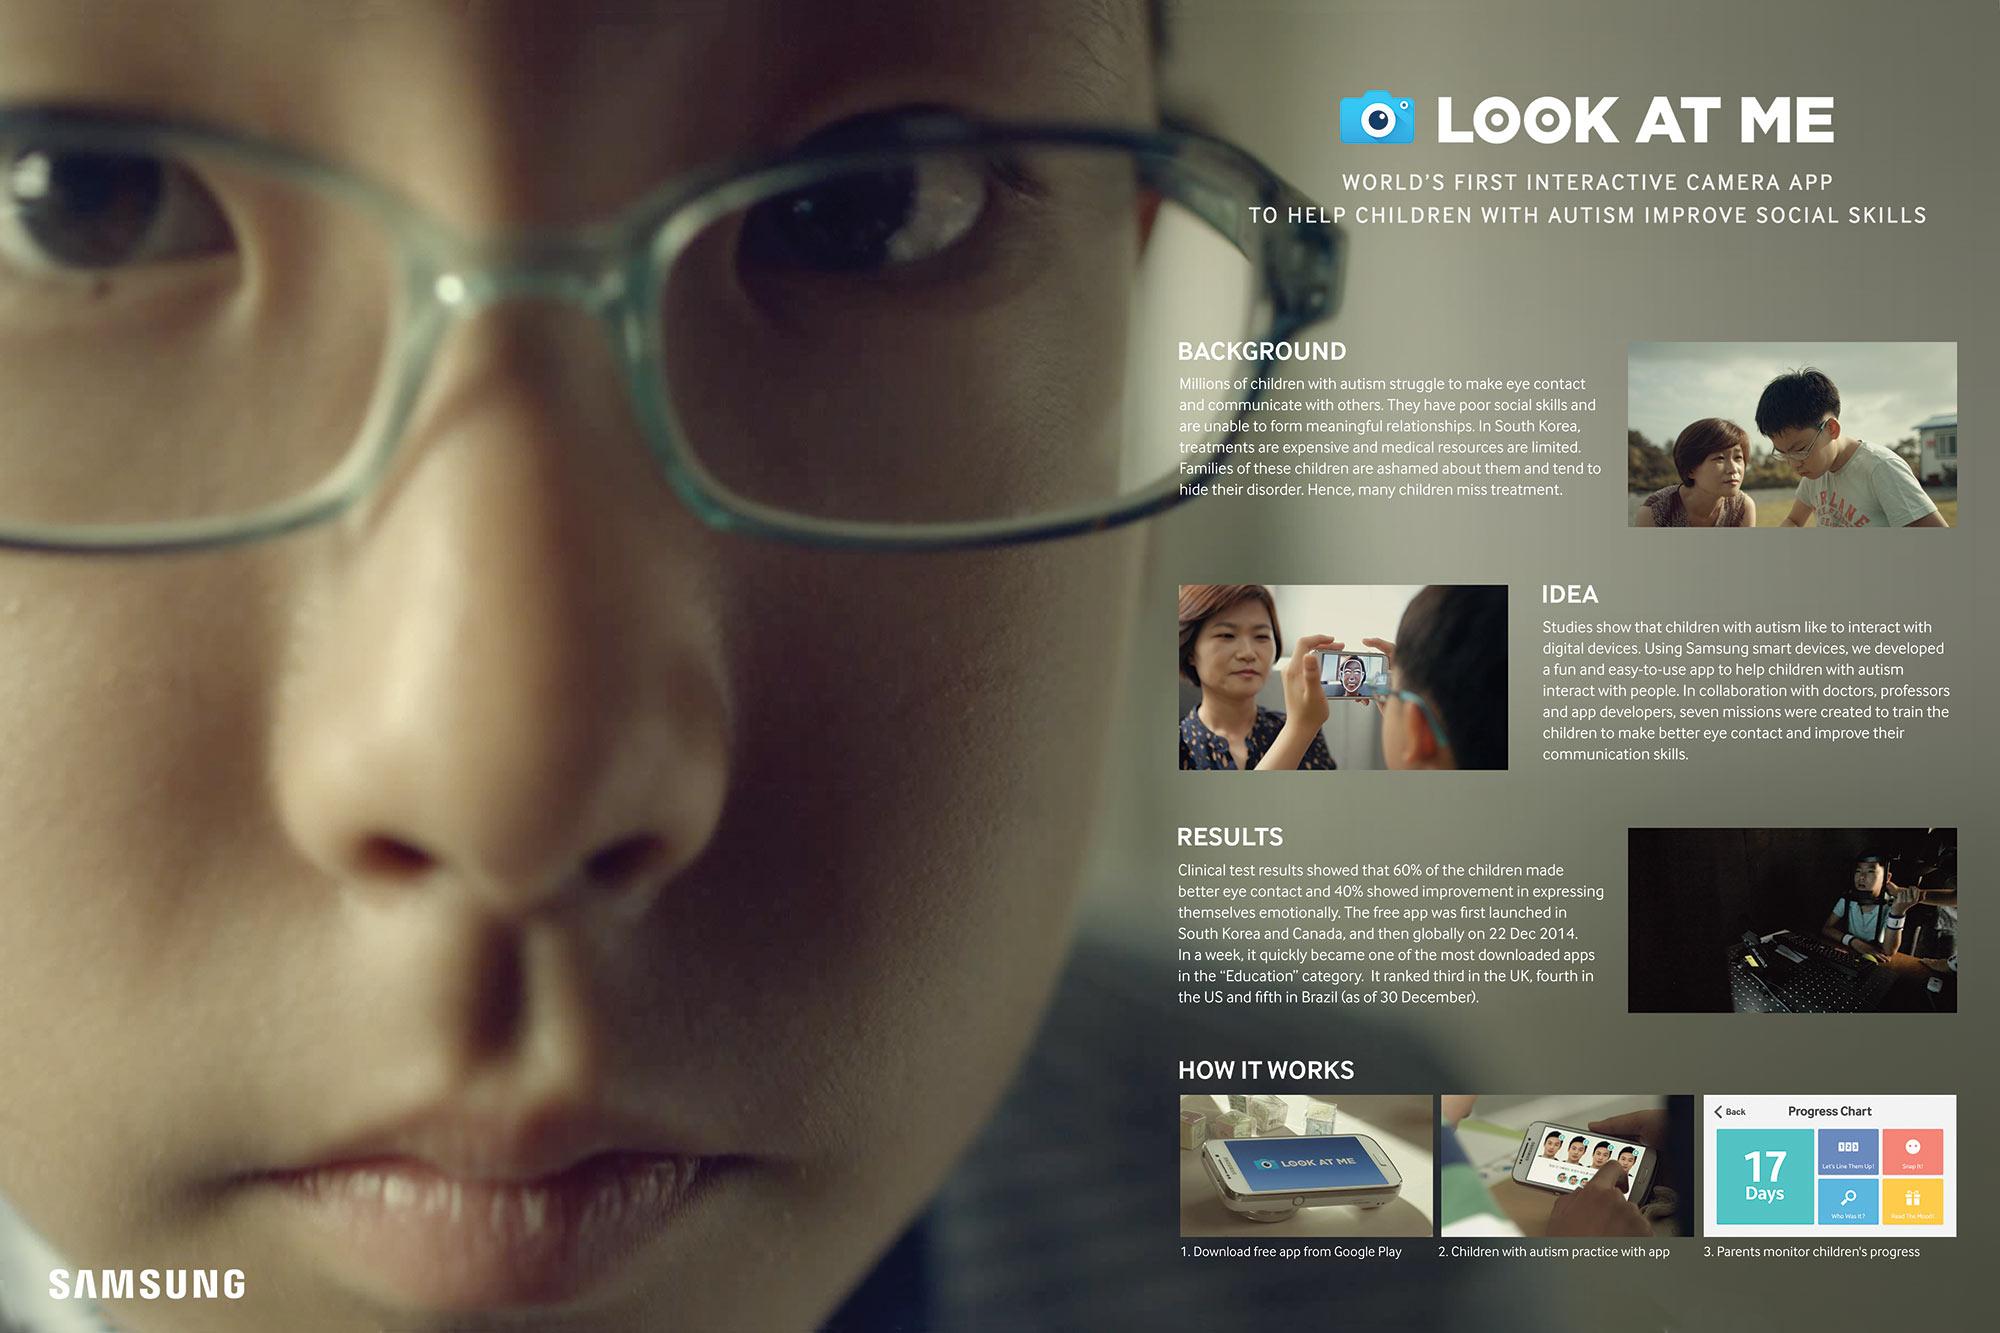 C02_004-00019-LOOK-AT-ME